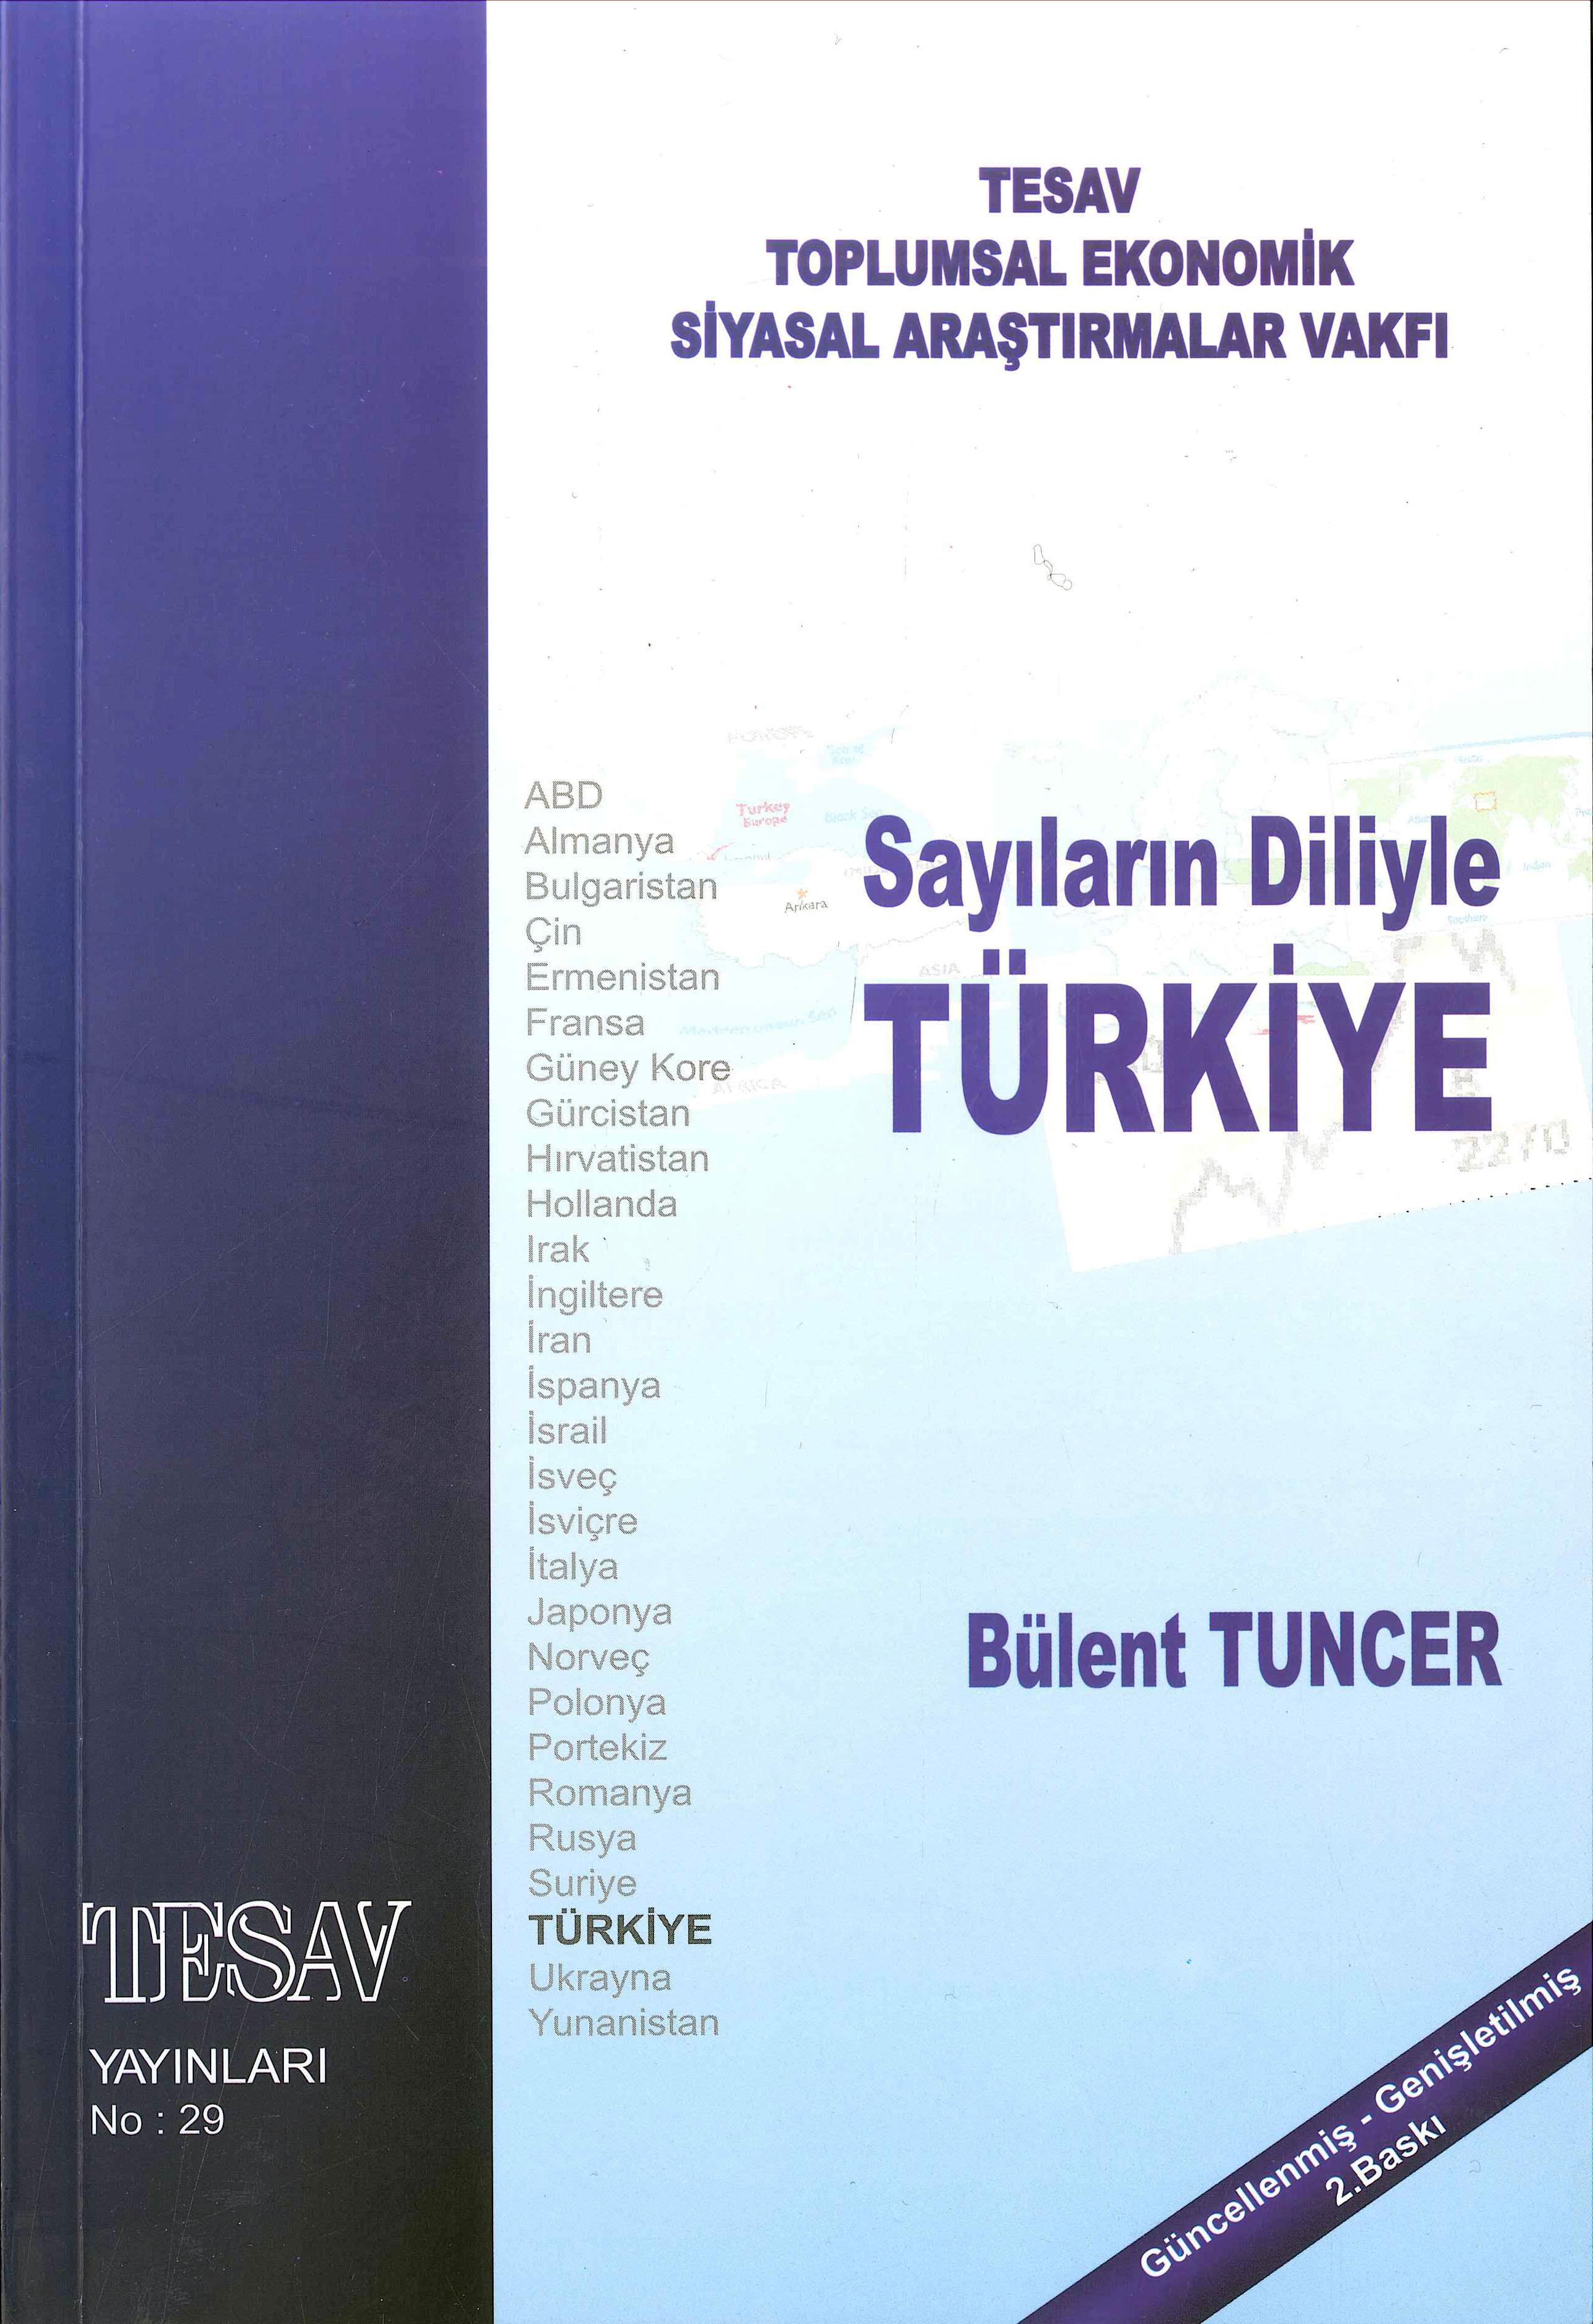 Sayıların Diliyle Türkiye 2007